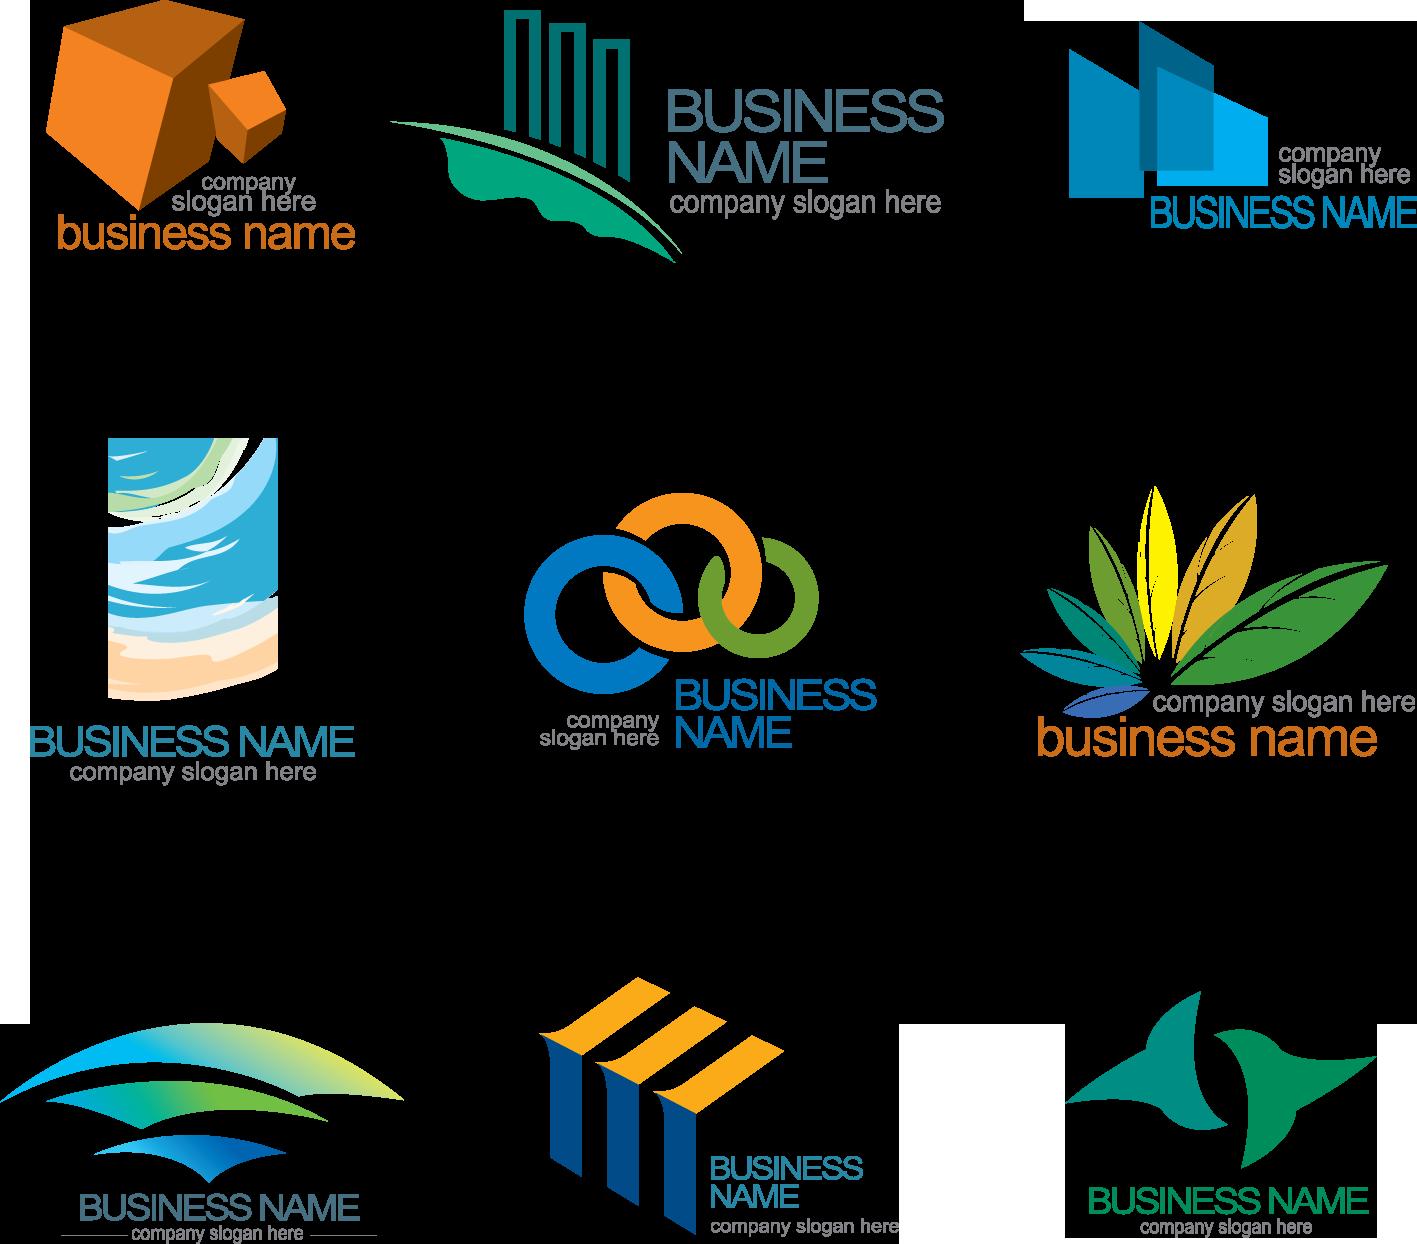 Логотипы несуществующих фирм (марок, брэндов)